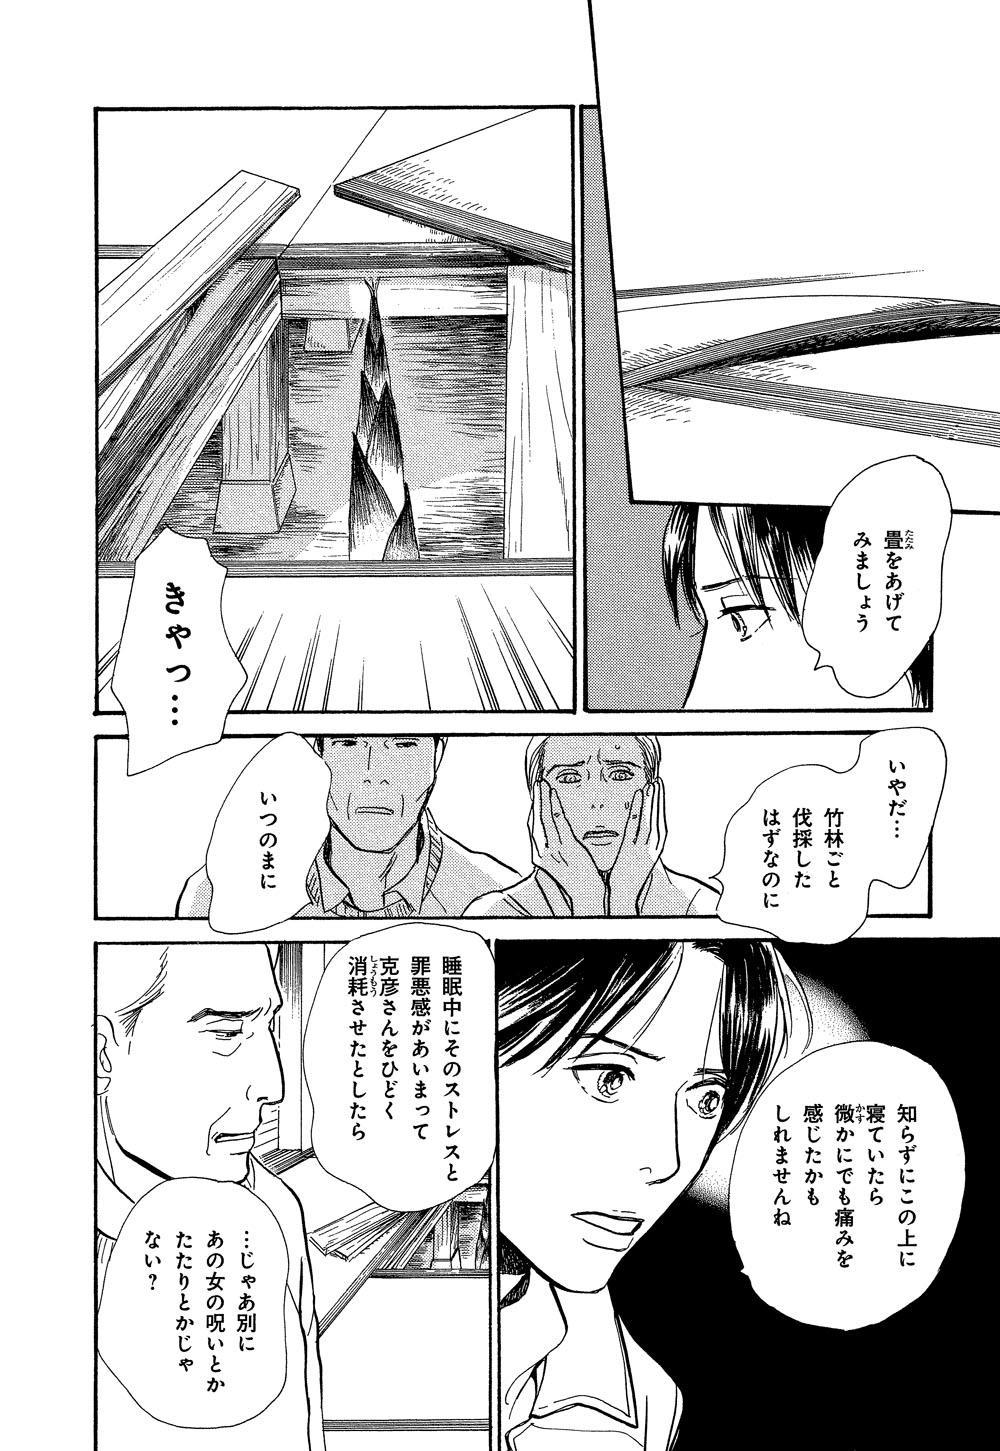 hyakki_0021_0040.jpg